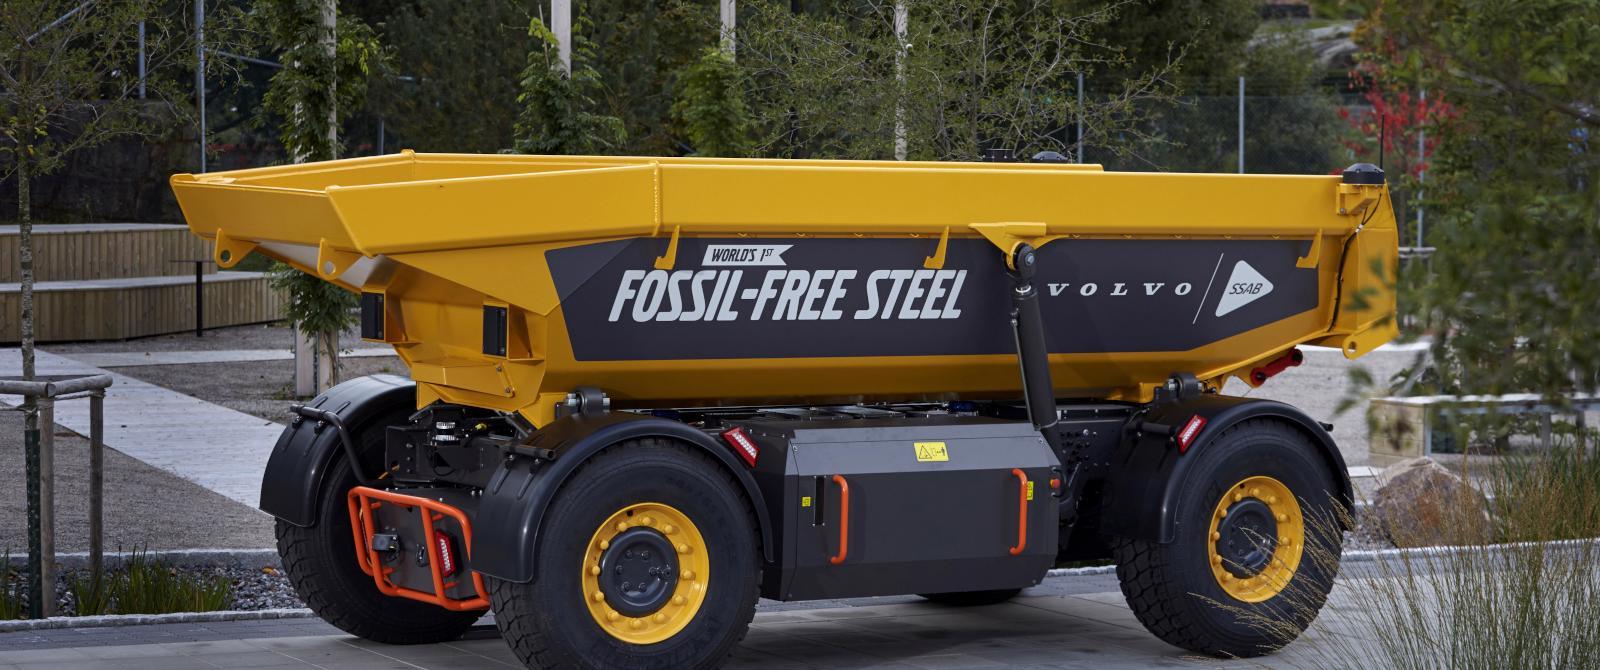 """Volvo tiết lộ chiếc xe đầu tiên làm bằng """"thép xanh"""" trên thế giới"""